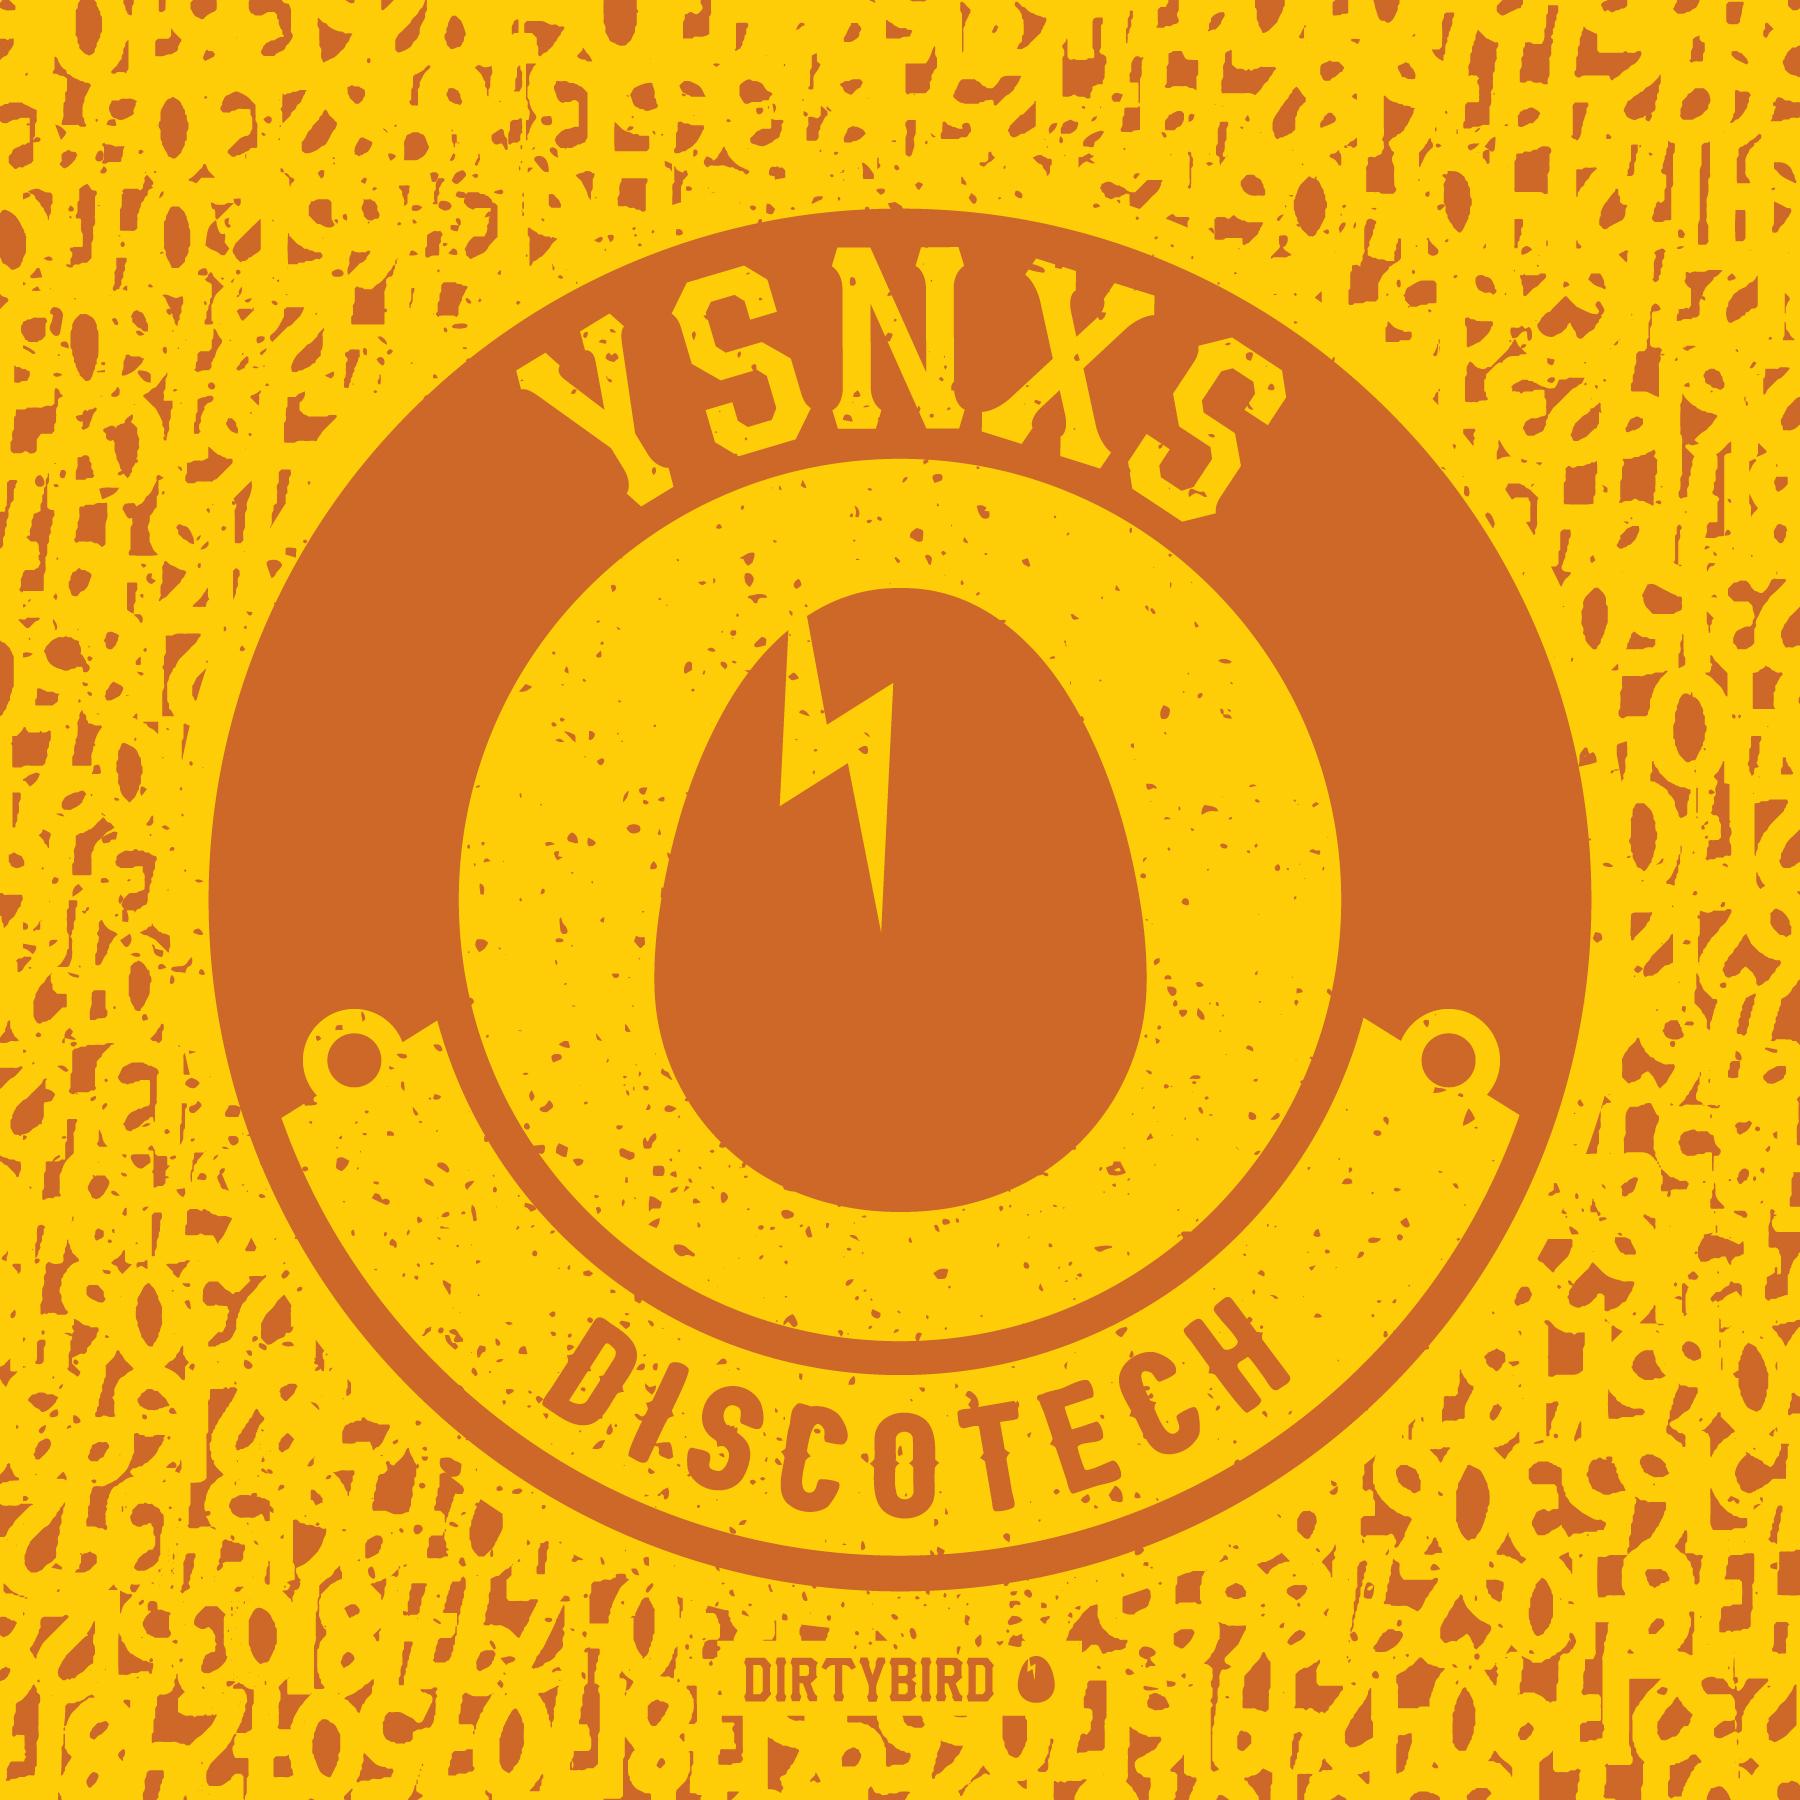 Birdfeed ysnxs discotech